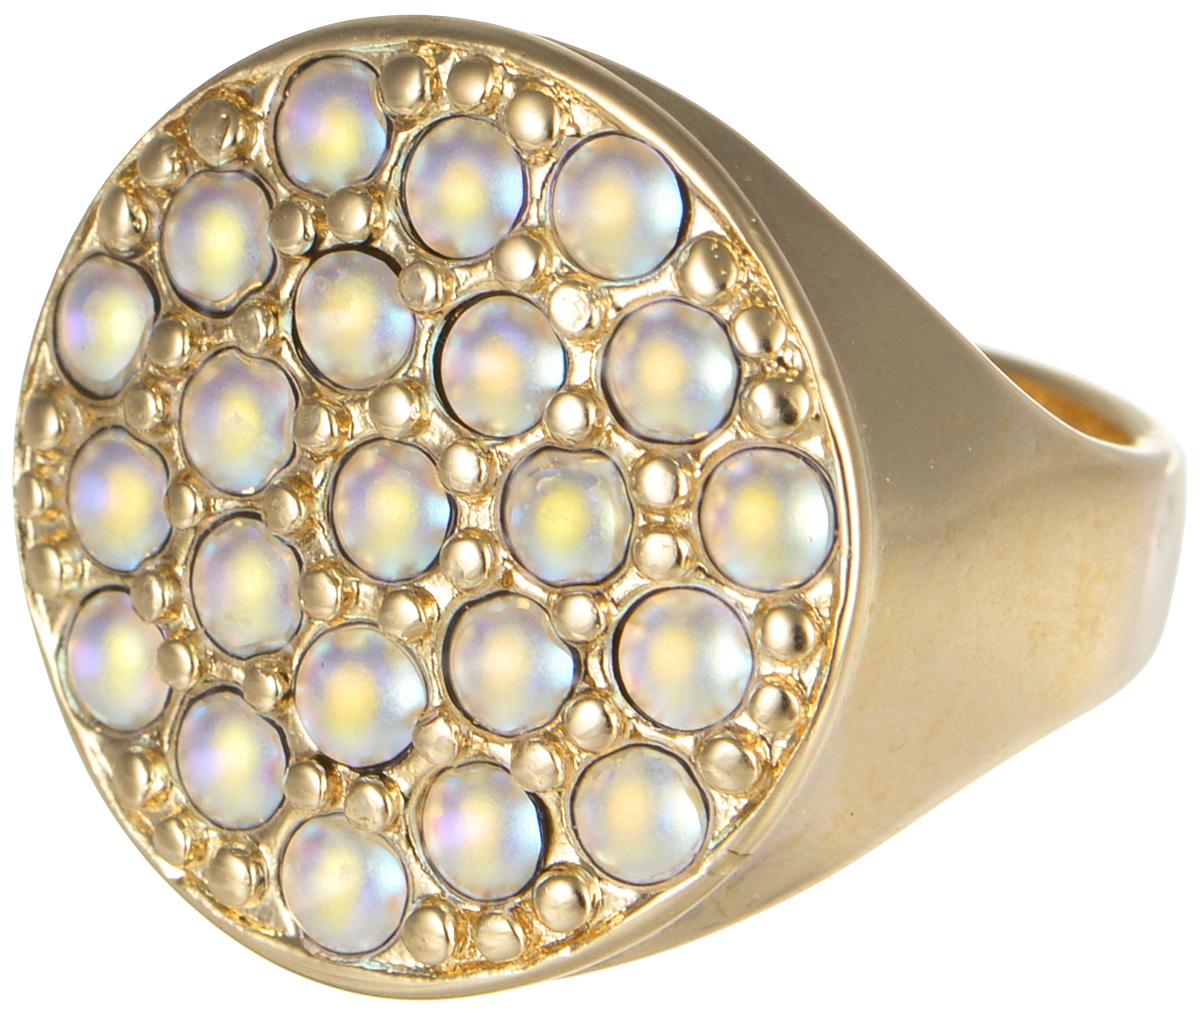 Кольцо Jenavi Франциска. Лош, цвет: розовое золото. j724p070. Размер 17Коктейльное кольцоКольцо Jenavi Лош из коллекции Франциска изготовлено из гипоаллергенного ювелирного сплава с позолотой и украшено радужными кристаллами Swarovski. Очарованию этого аксессуара невозможно противостоять. Это позолоченное кольцо станет прекрасным аксессуаром для современной модницы, которая любит демонстрировать передовые взгляды и надевать самые актуальные украшения.